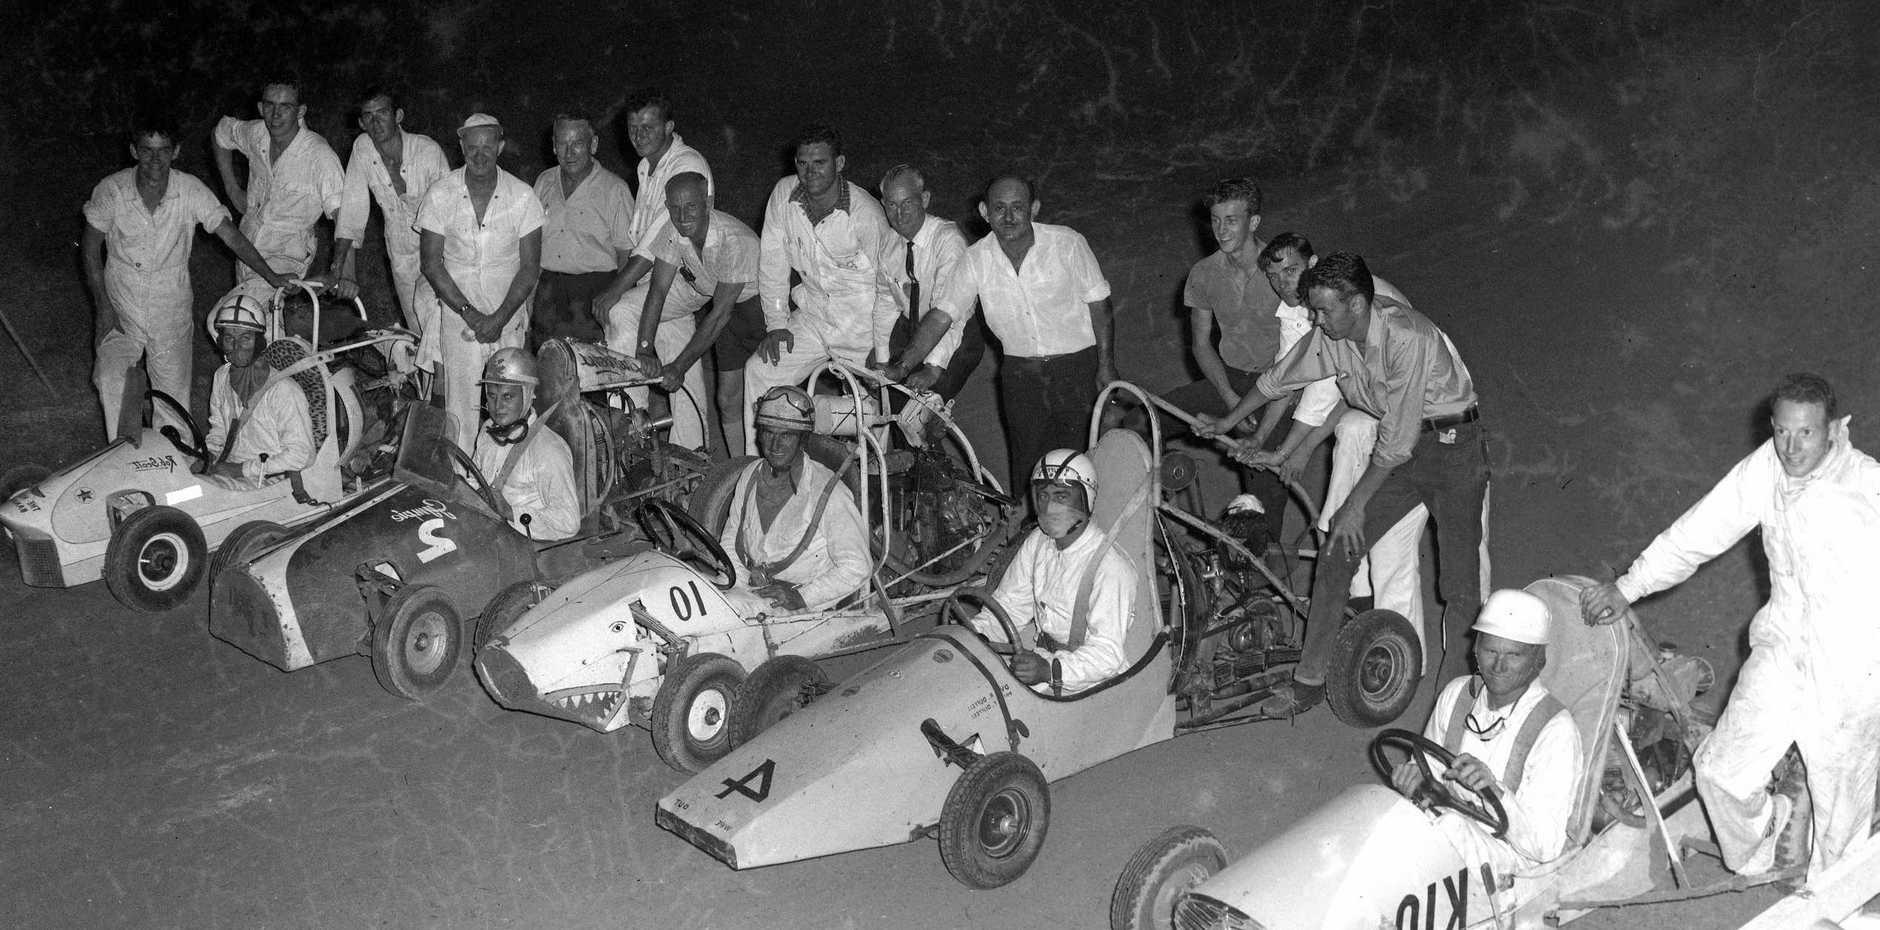 Gnat car racing at the showgrounds, Nambour, December, 1963.